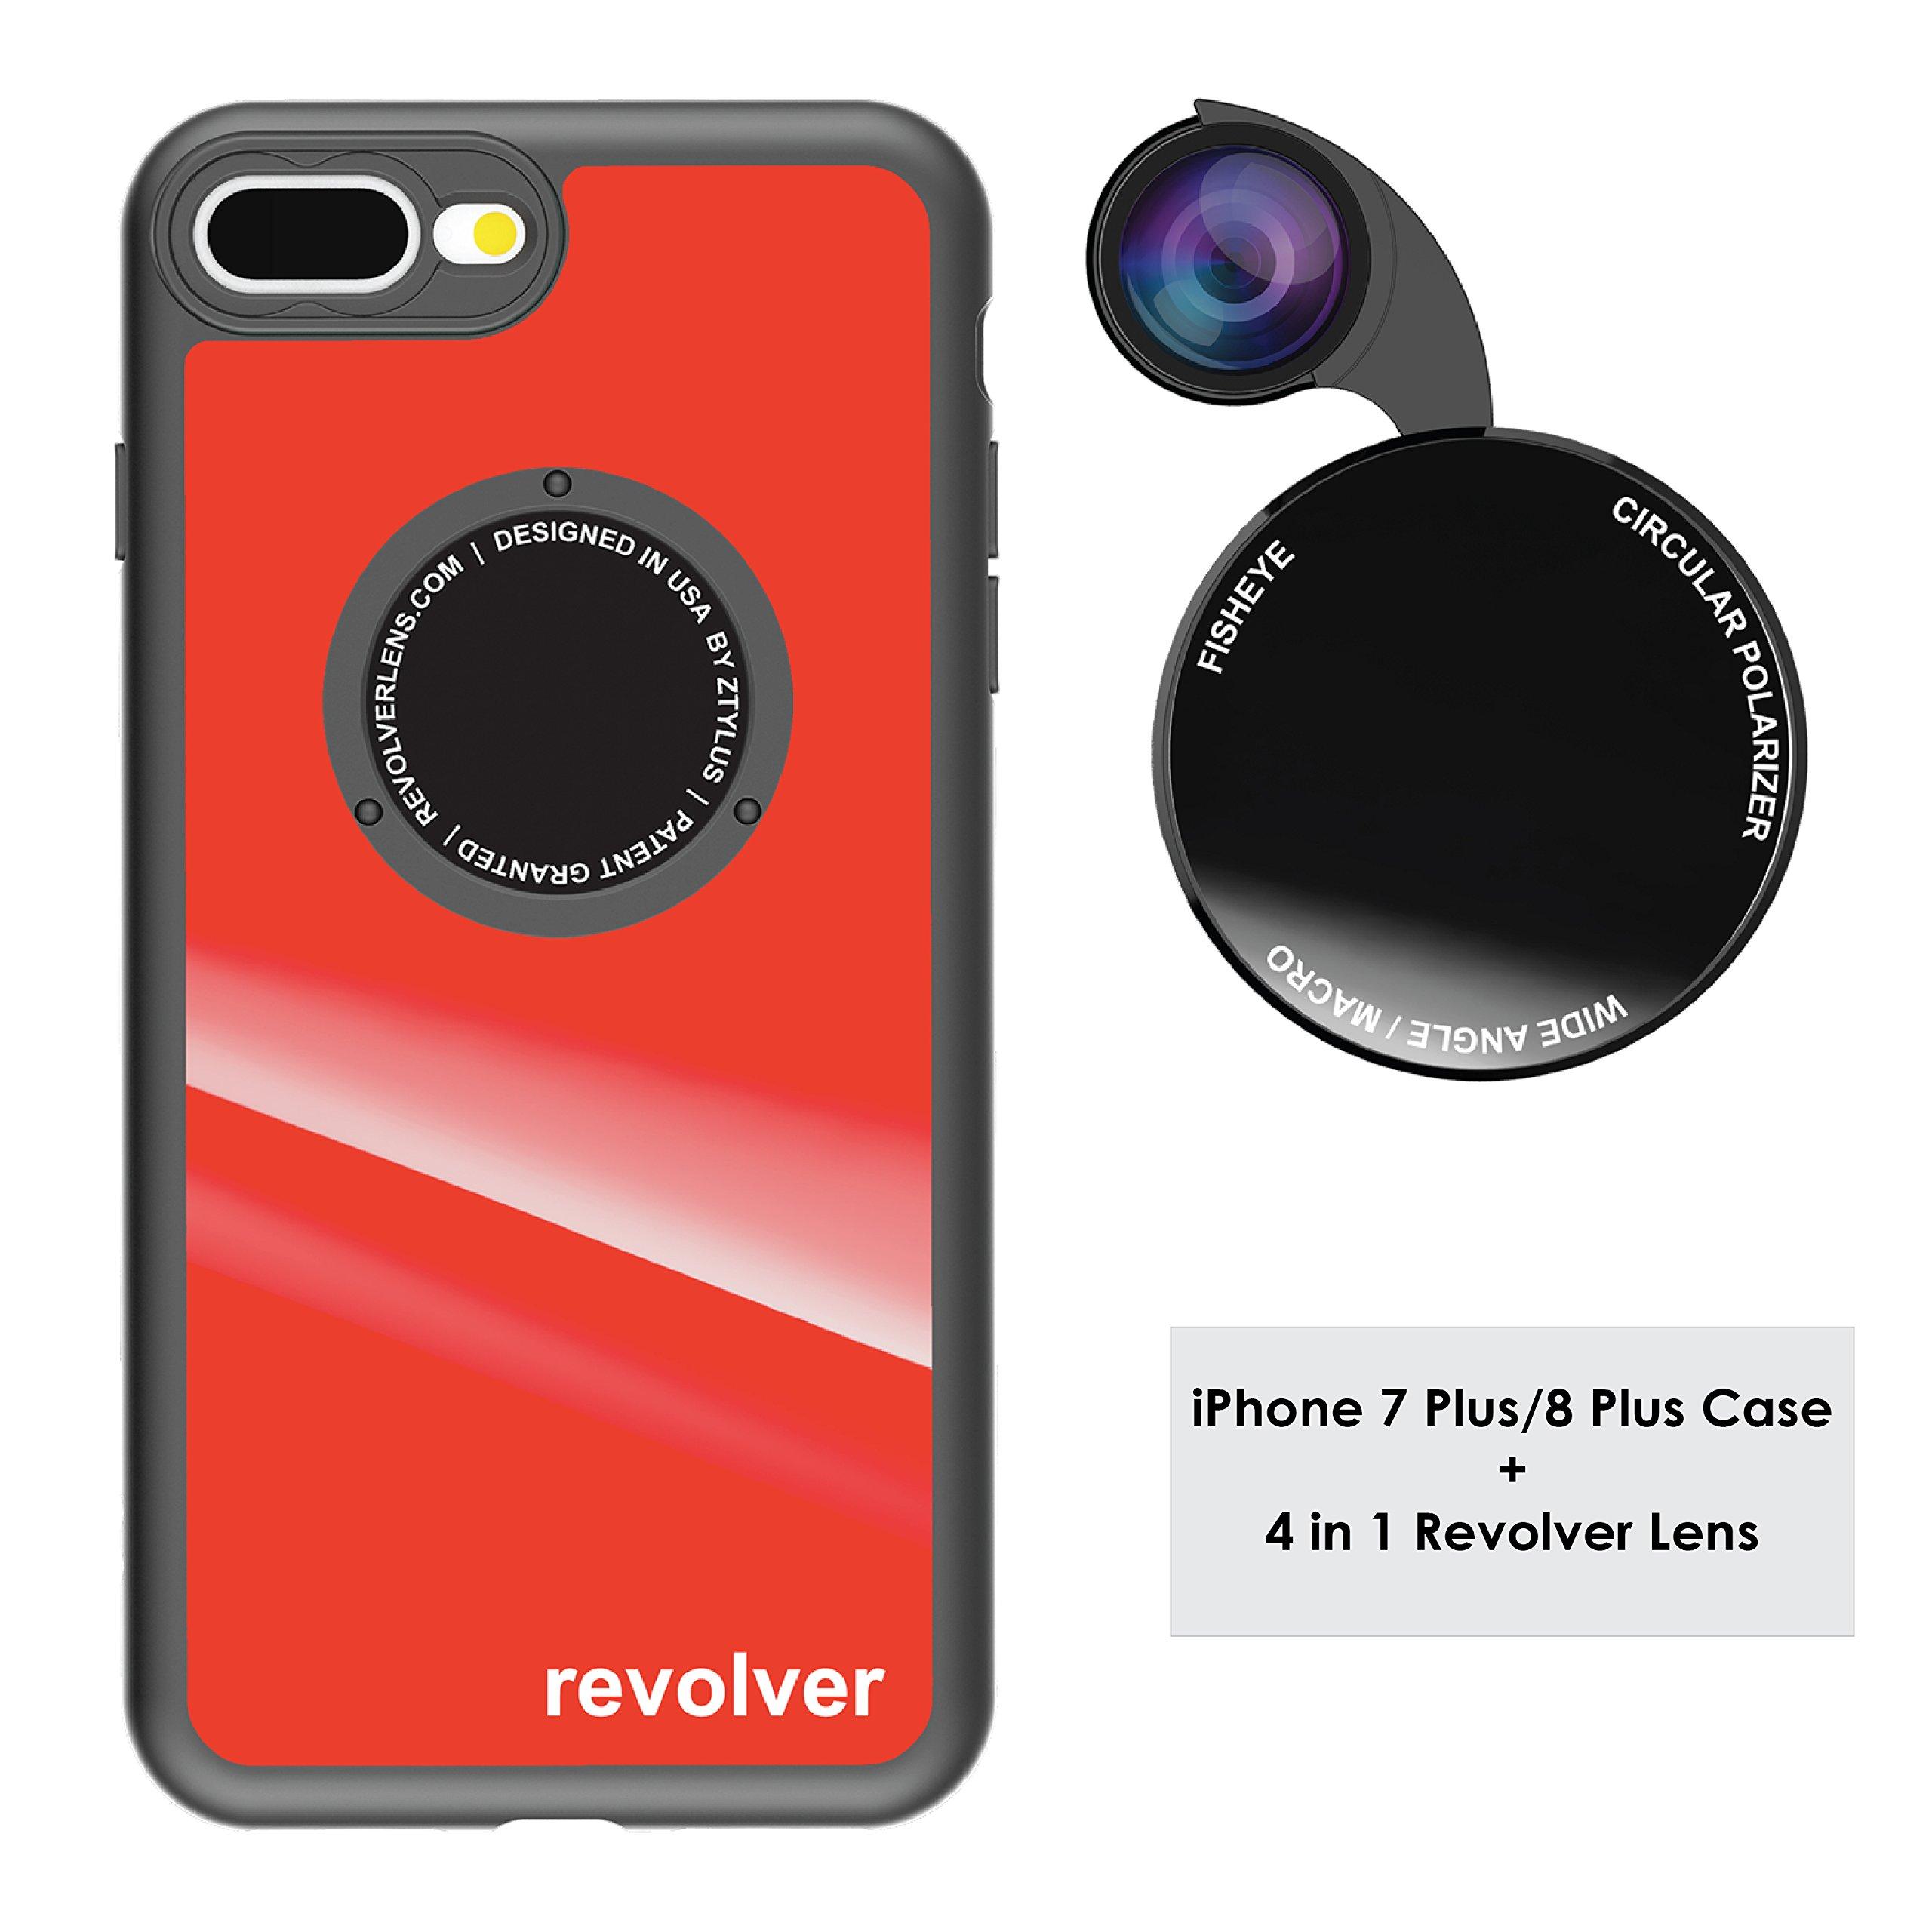 Funda y 4  Lentes Ztylus Revolver p/ iPhone 7/8 Plus - Red..